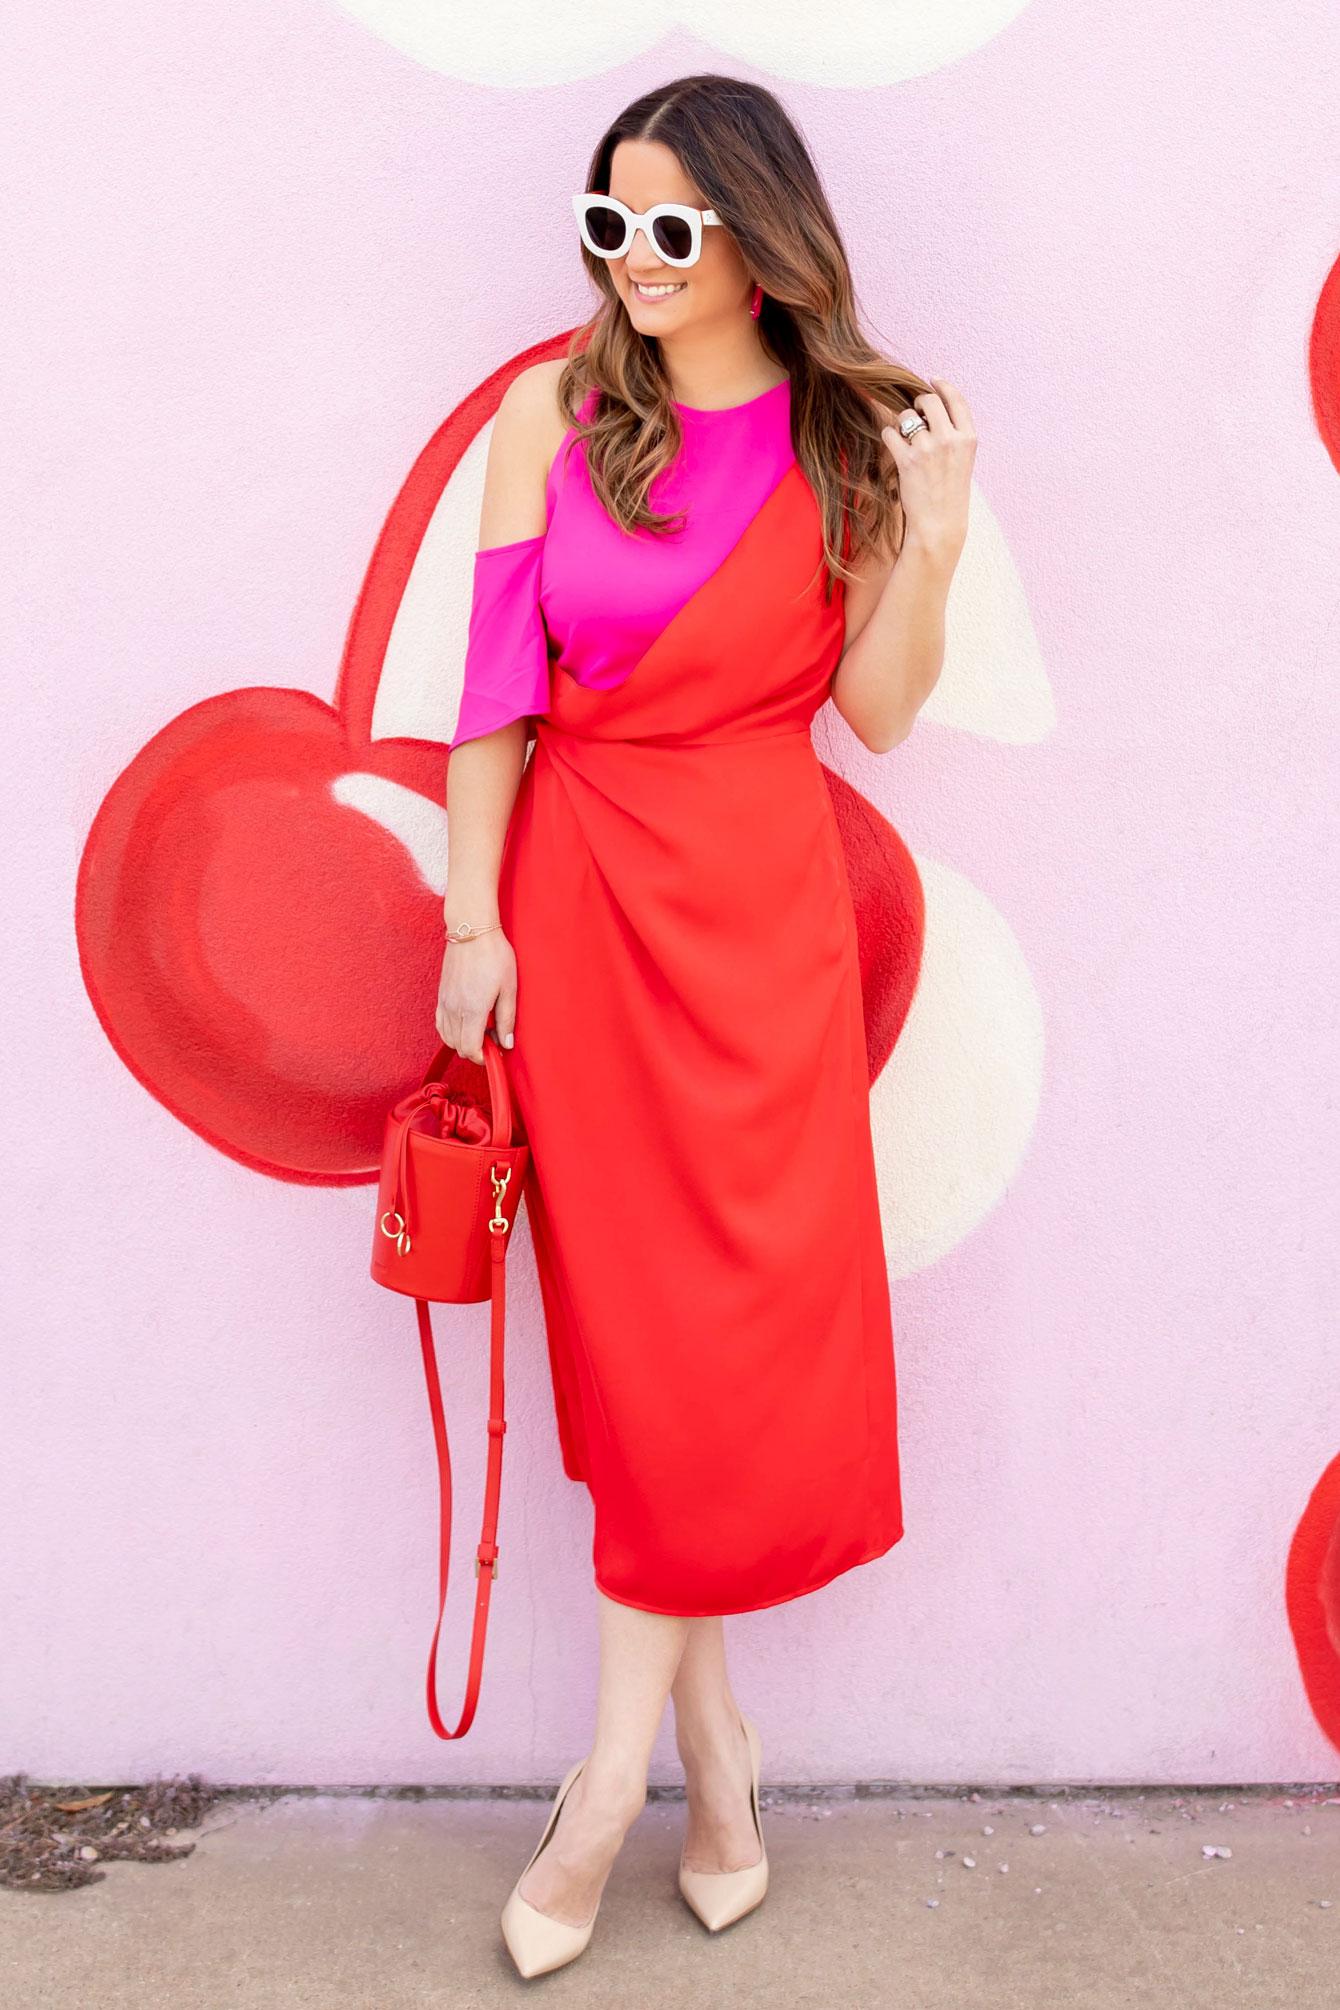 Jennifer Lake Red Pink Dress